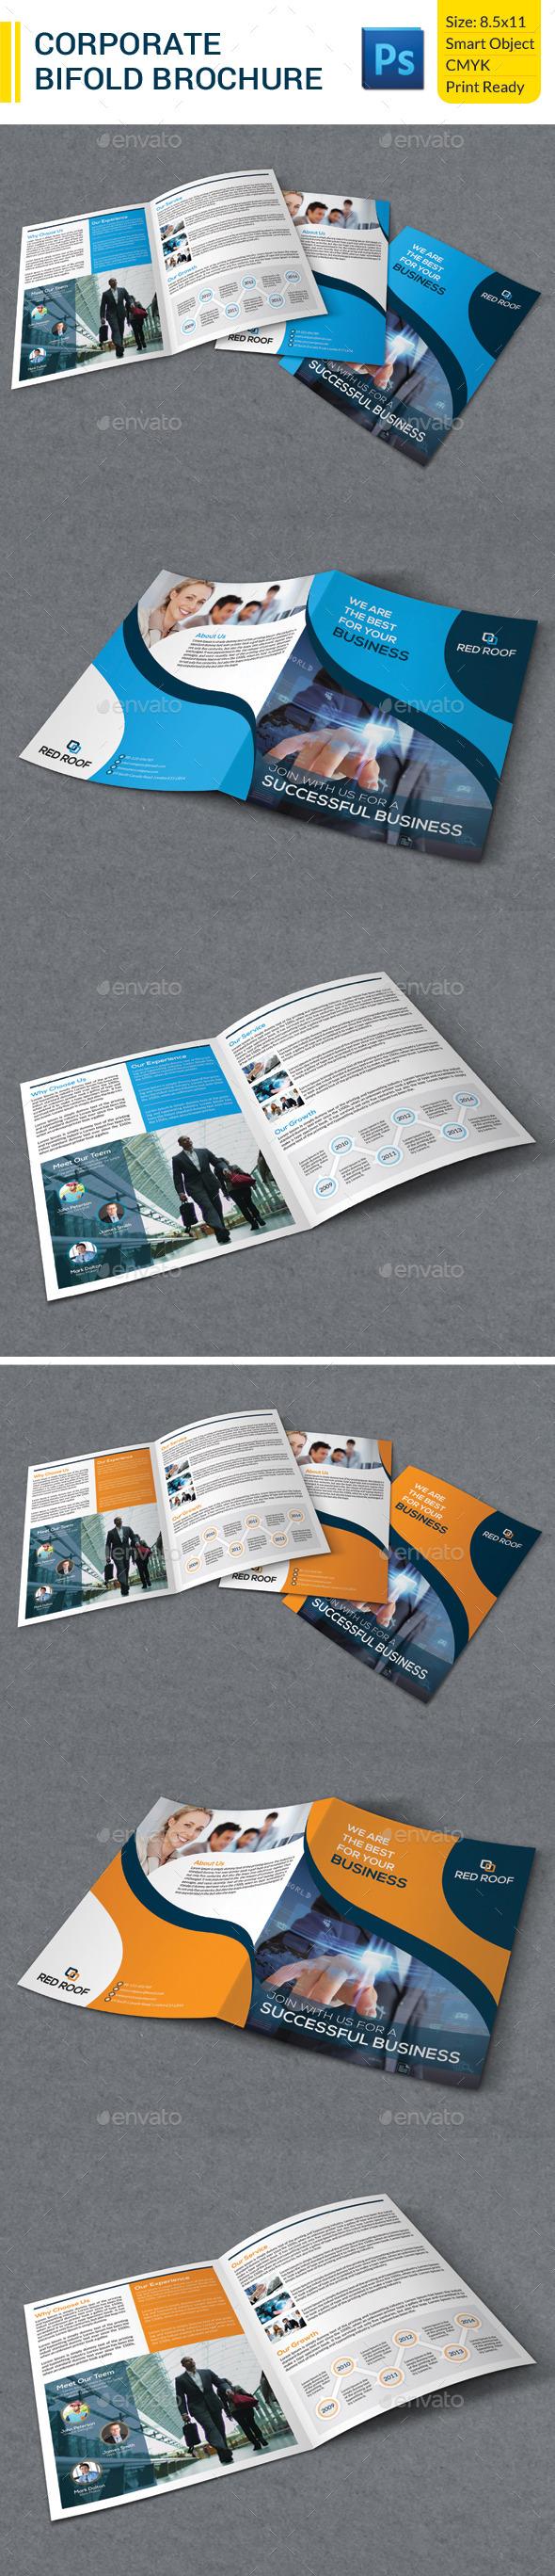 Corporate Business Bifold Brochure - Corporate Brochures